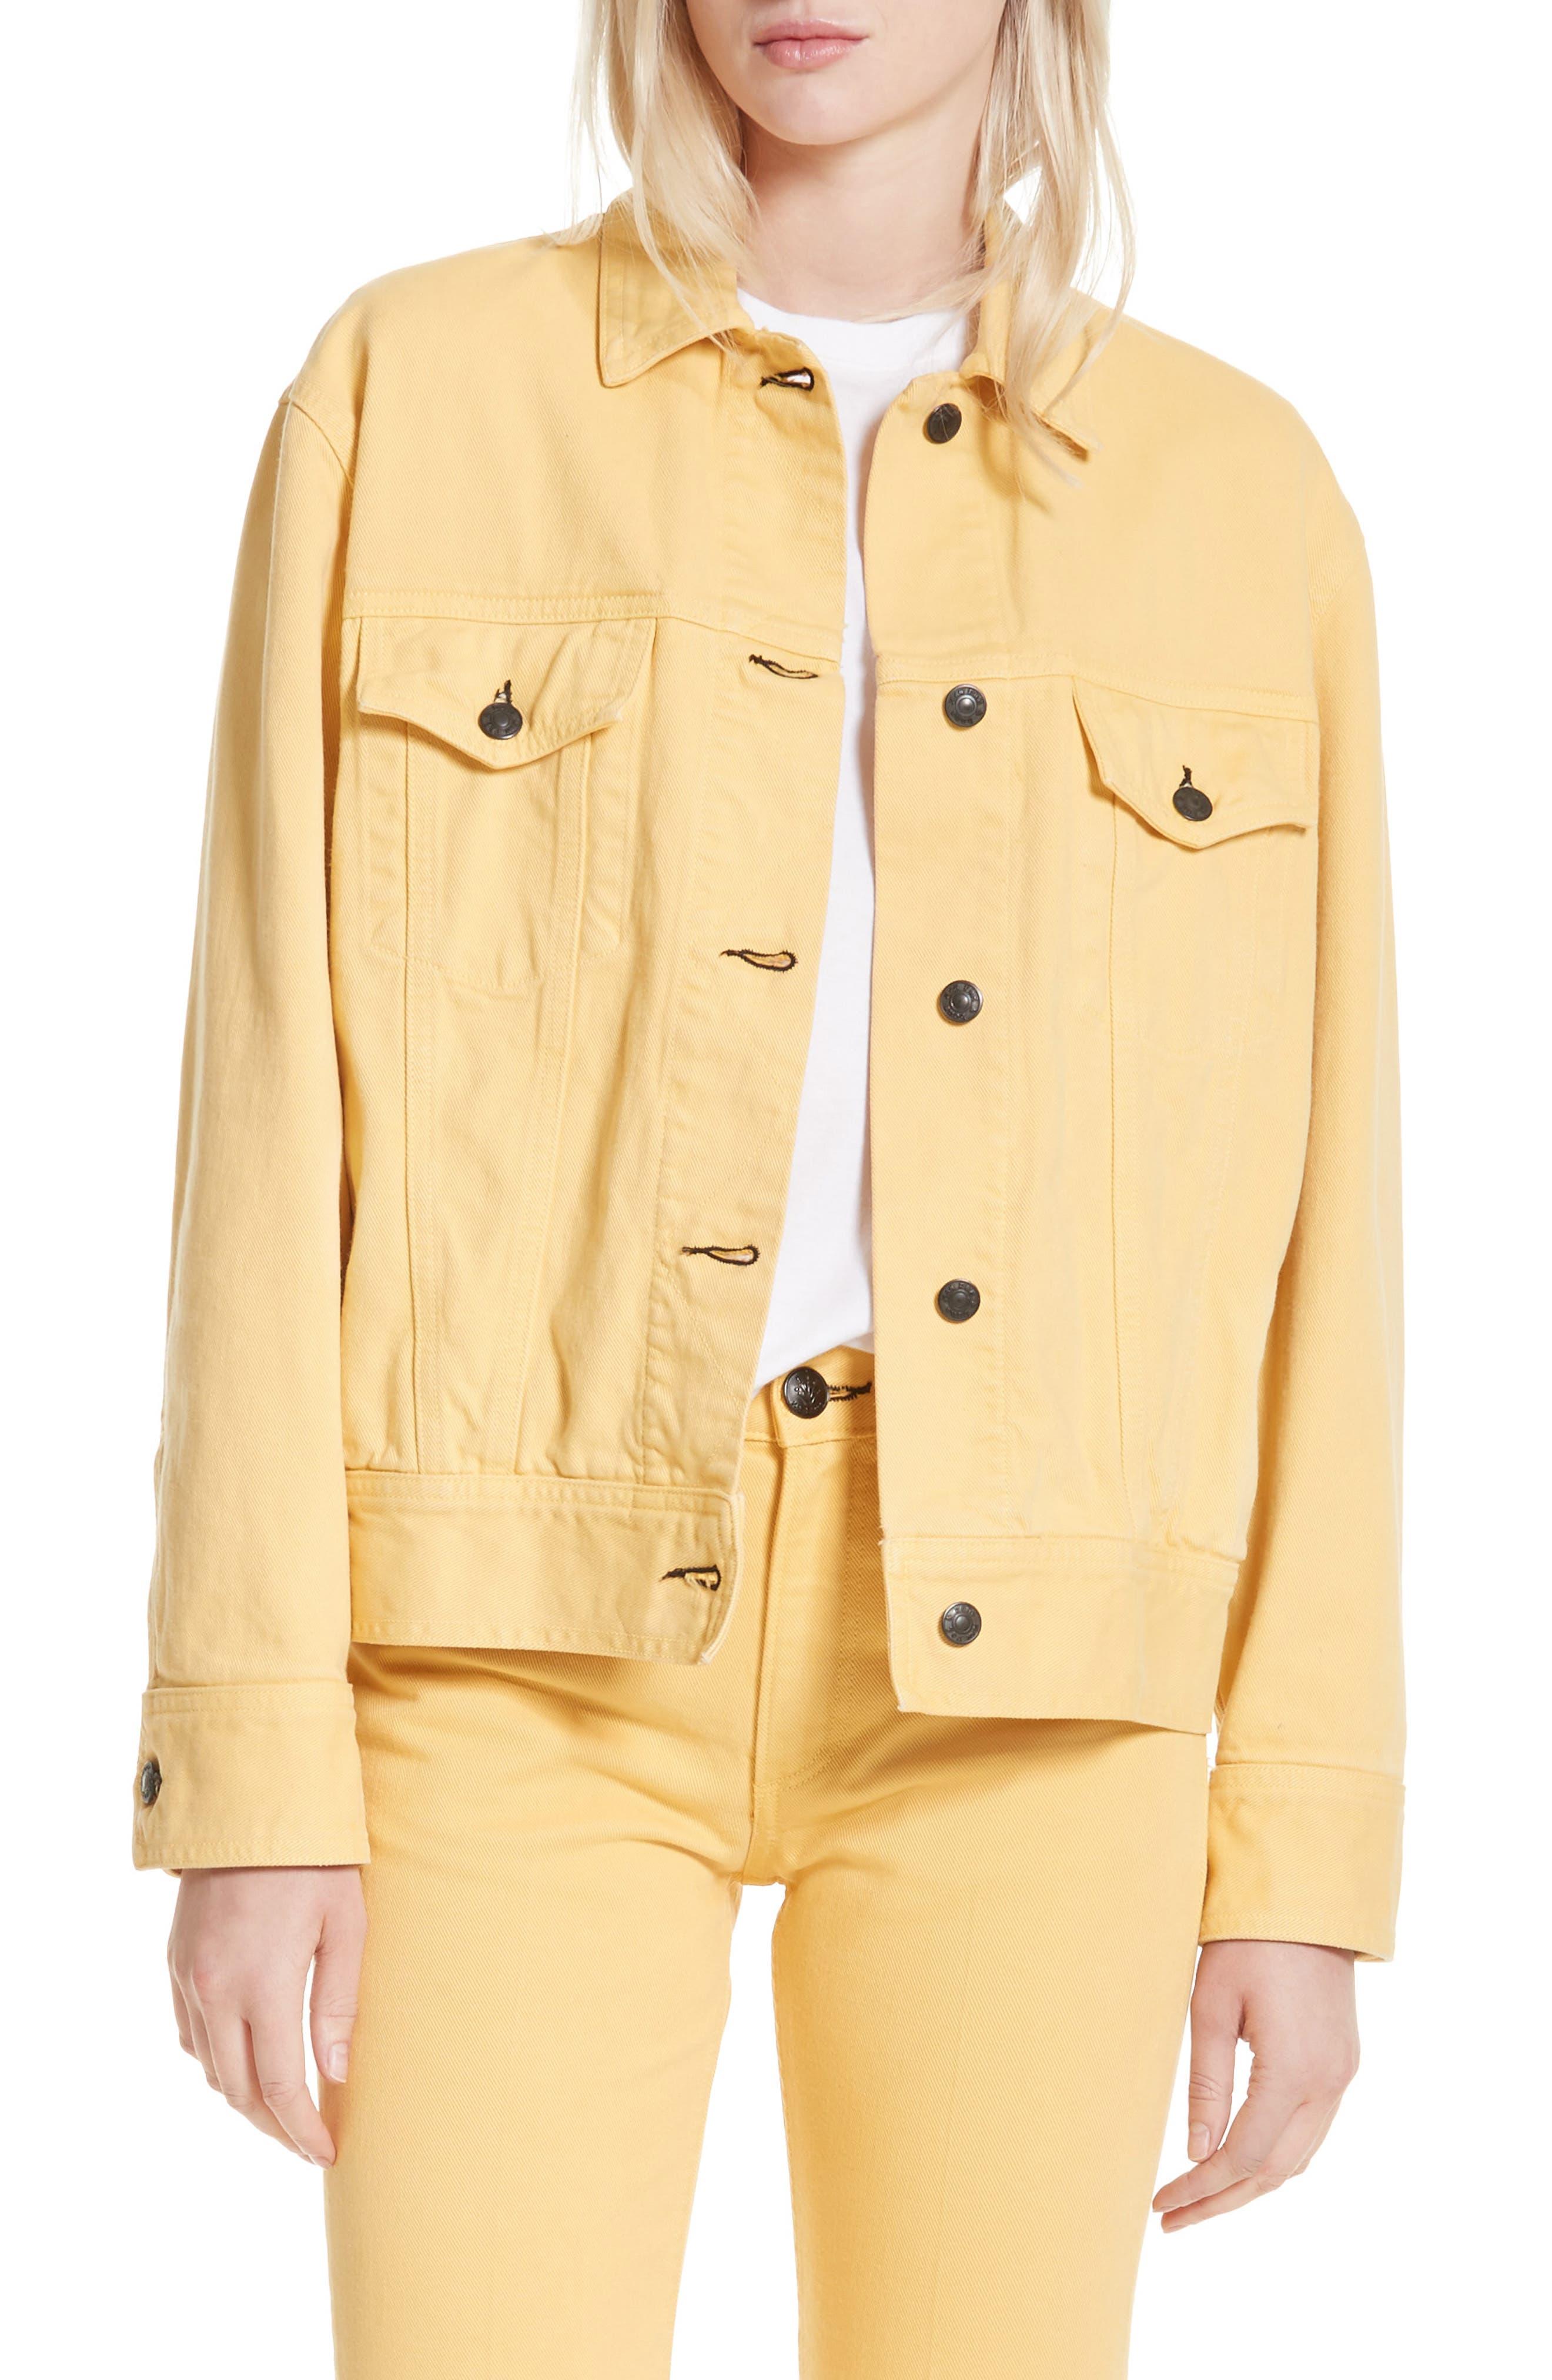 Alternate Image 1 Selected - rag & bone Oversize Twill Jacket